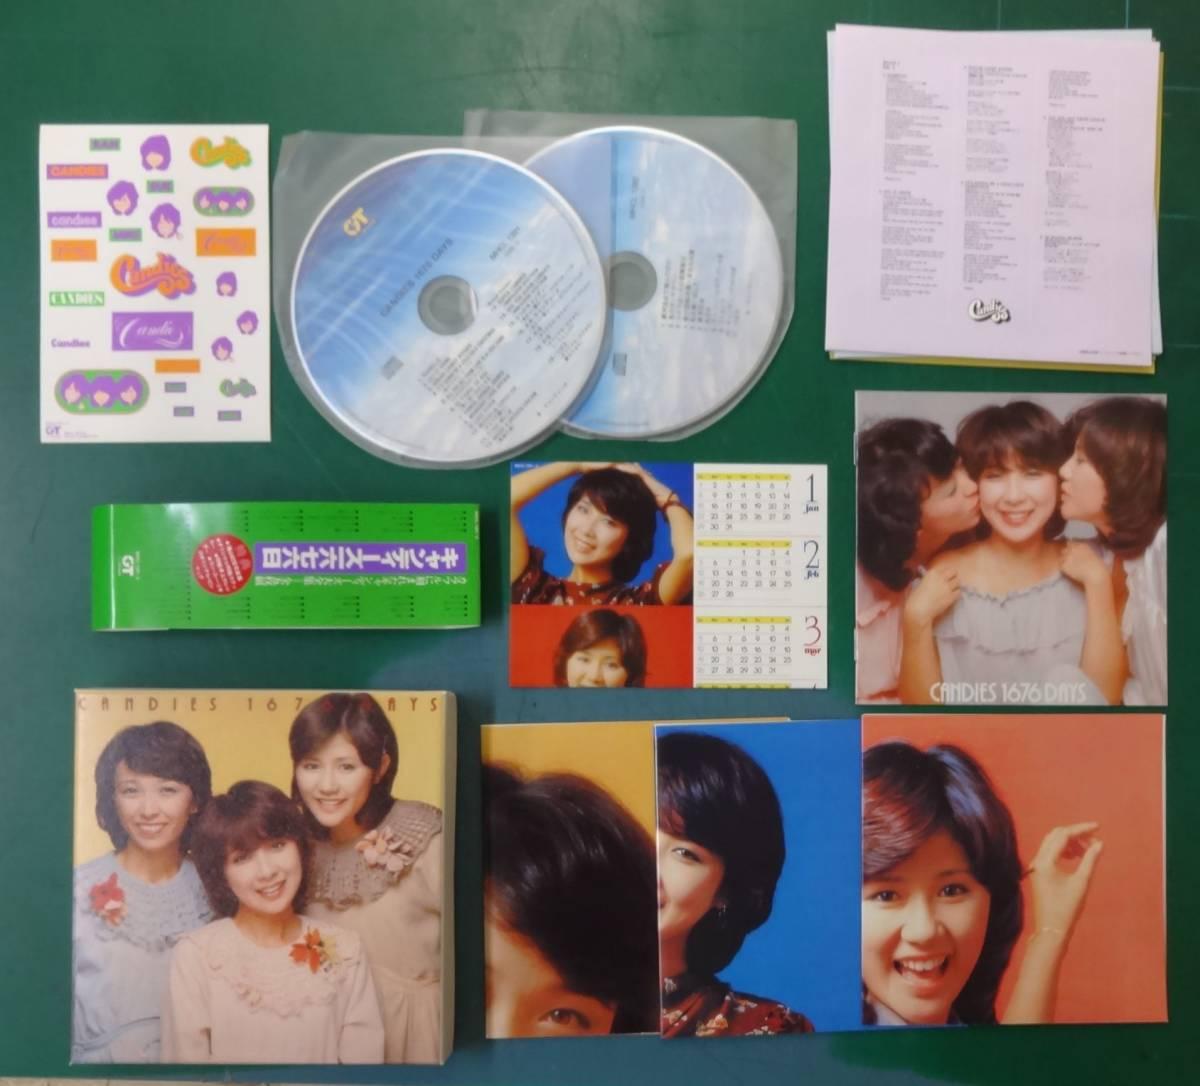 キャンディーズ CD20枚組BOX『キャンディーズ・タイムカプセル』全15タイトル/紙ジャケット/完全生産限定盤/CANDIES/TIME CAPSULE_画像6